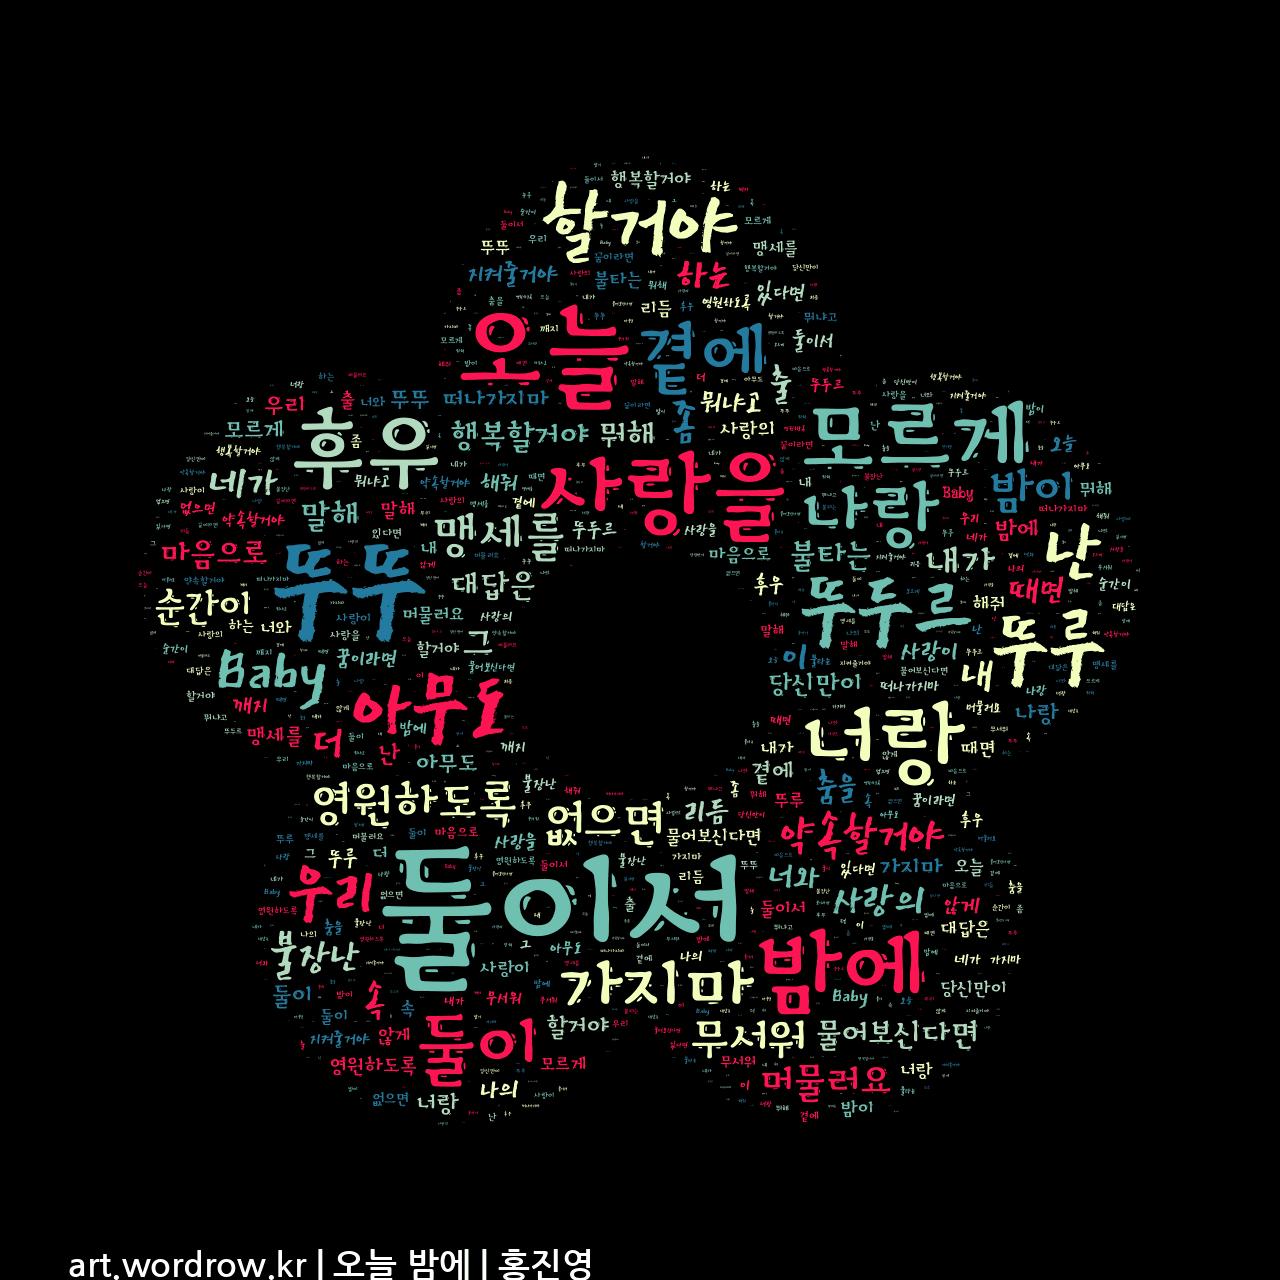 워드 아트: 오늘 밤에 [홍진영]-49